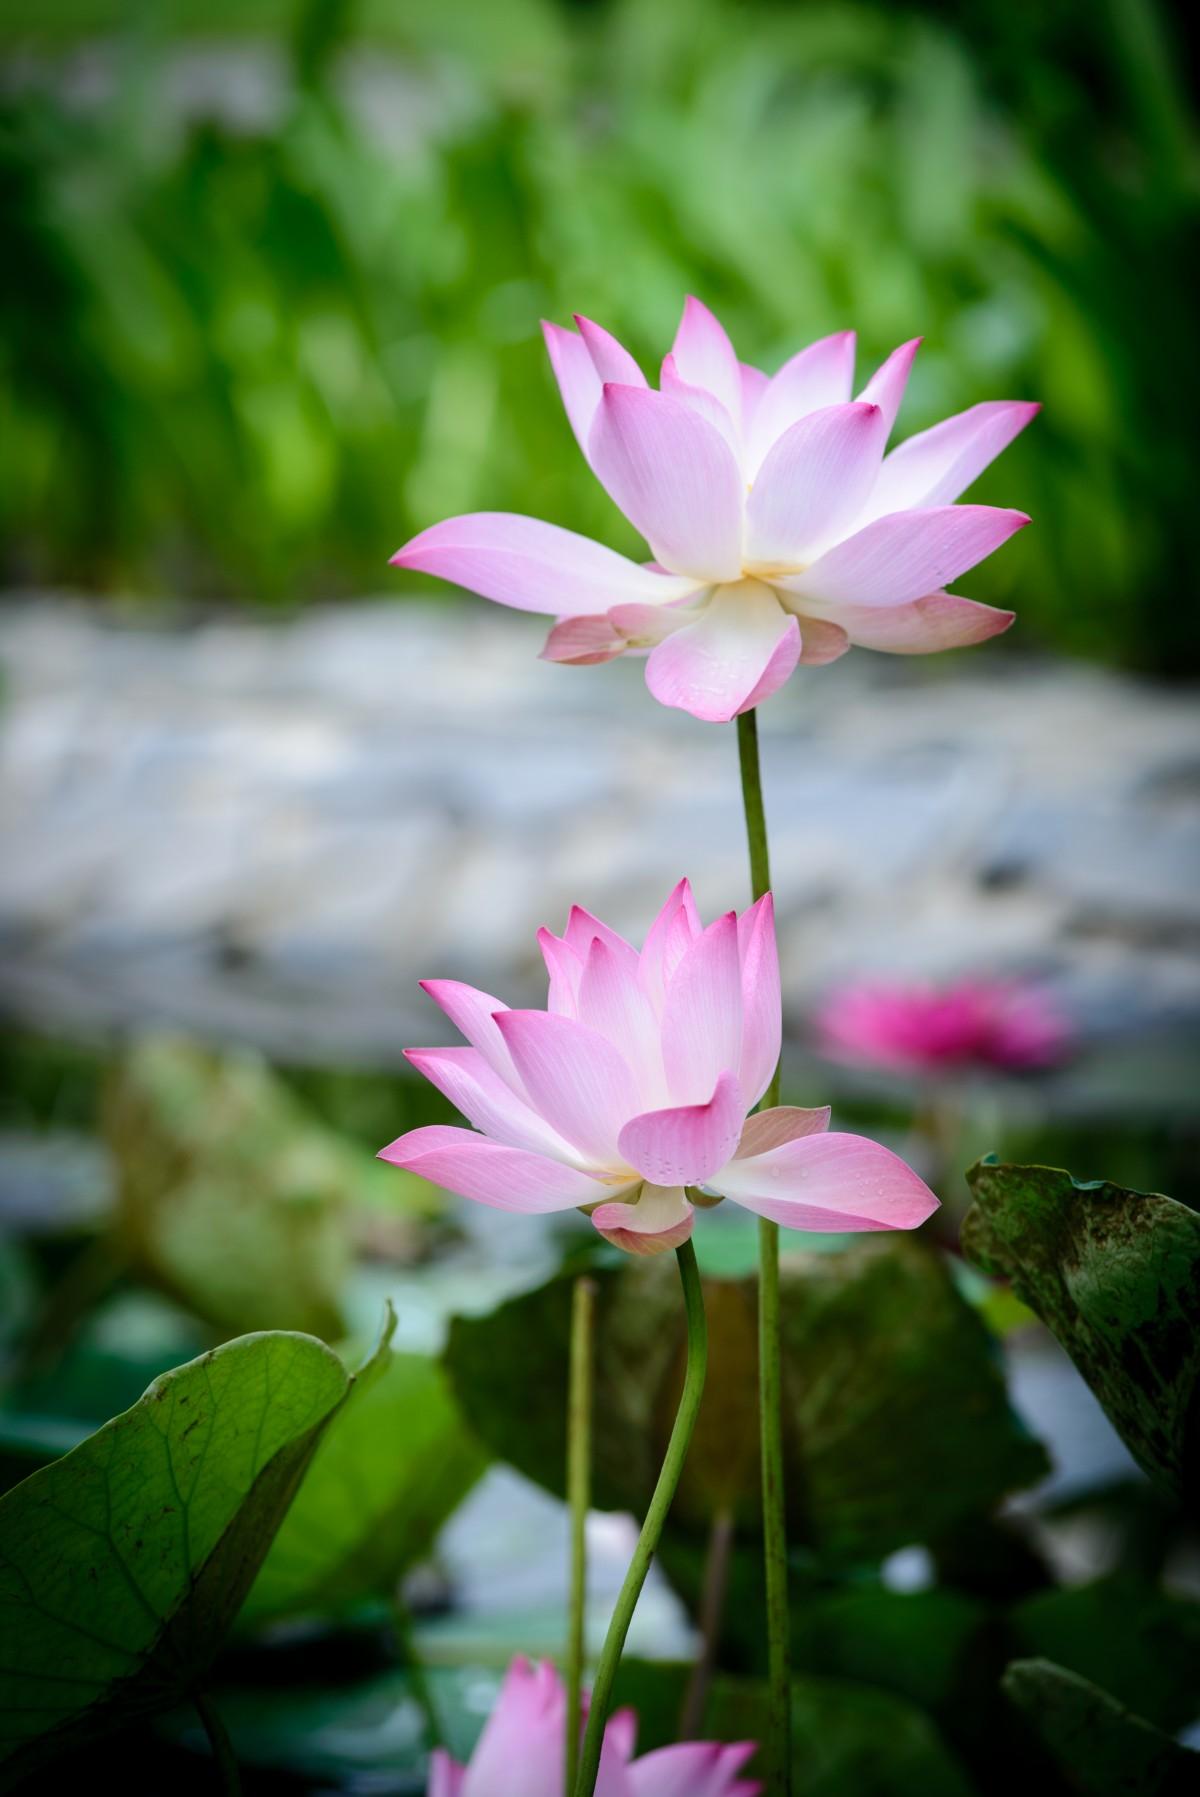 Gambar Bunga Teratai Cantik Indah Baik Nyaman Alam